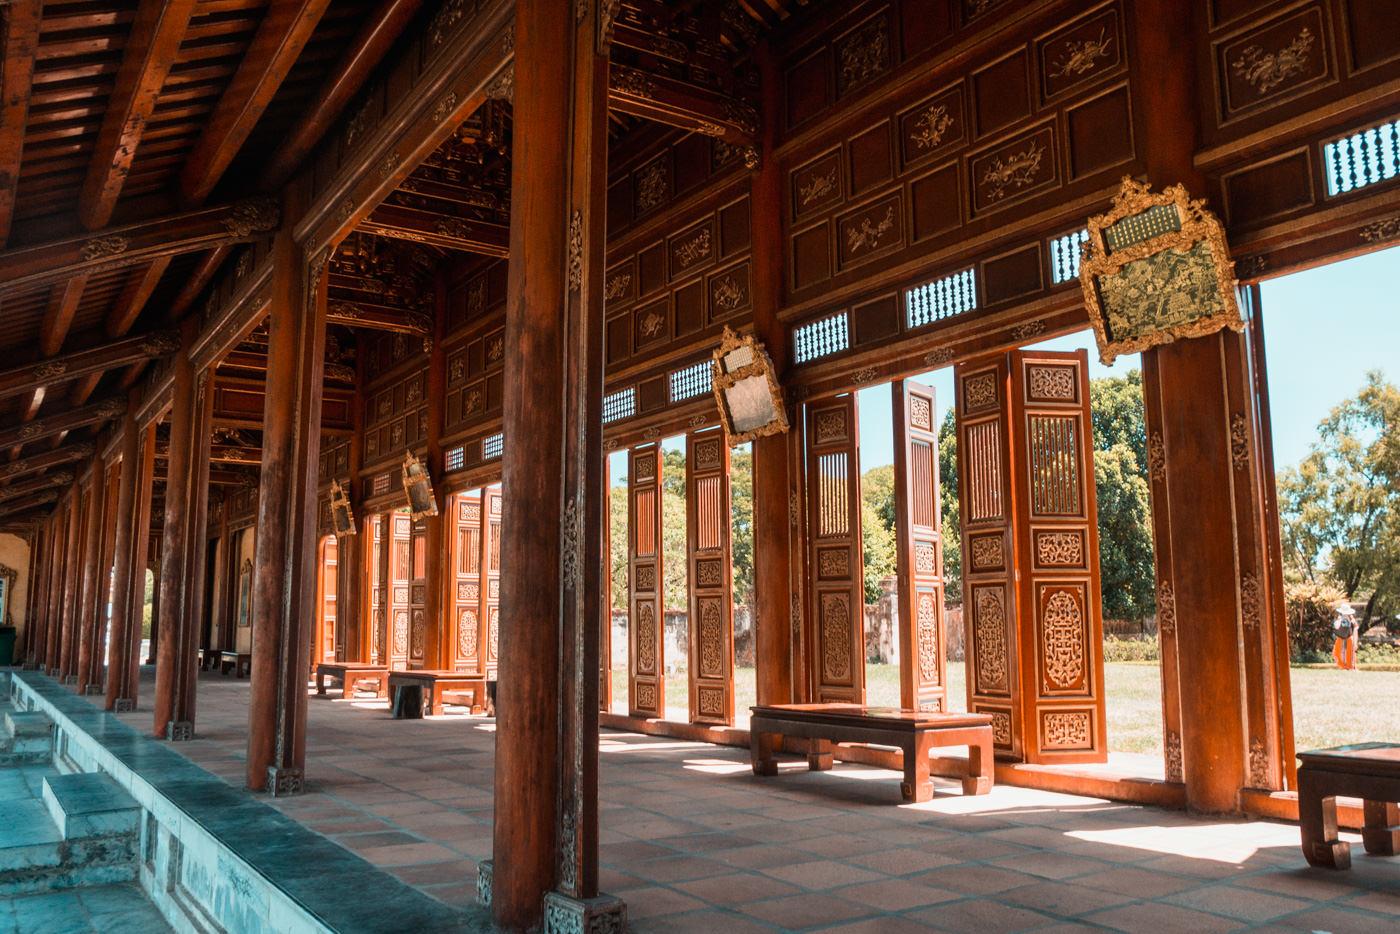 Zitadelle von Hué, Vietnam